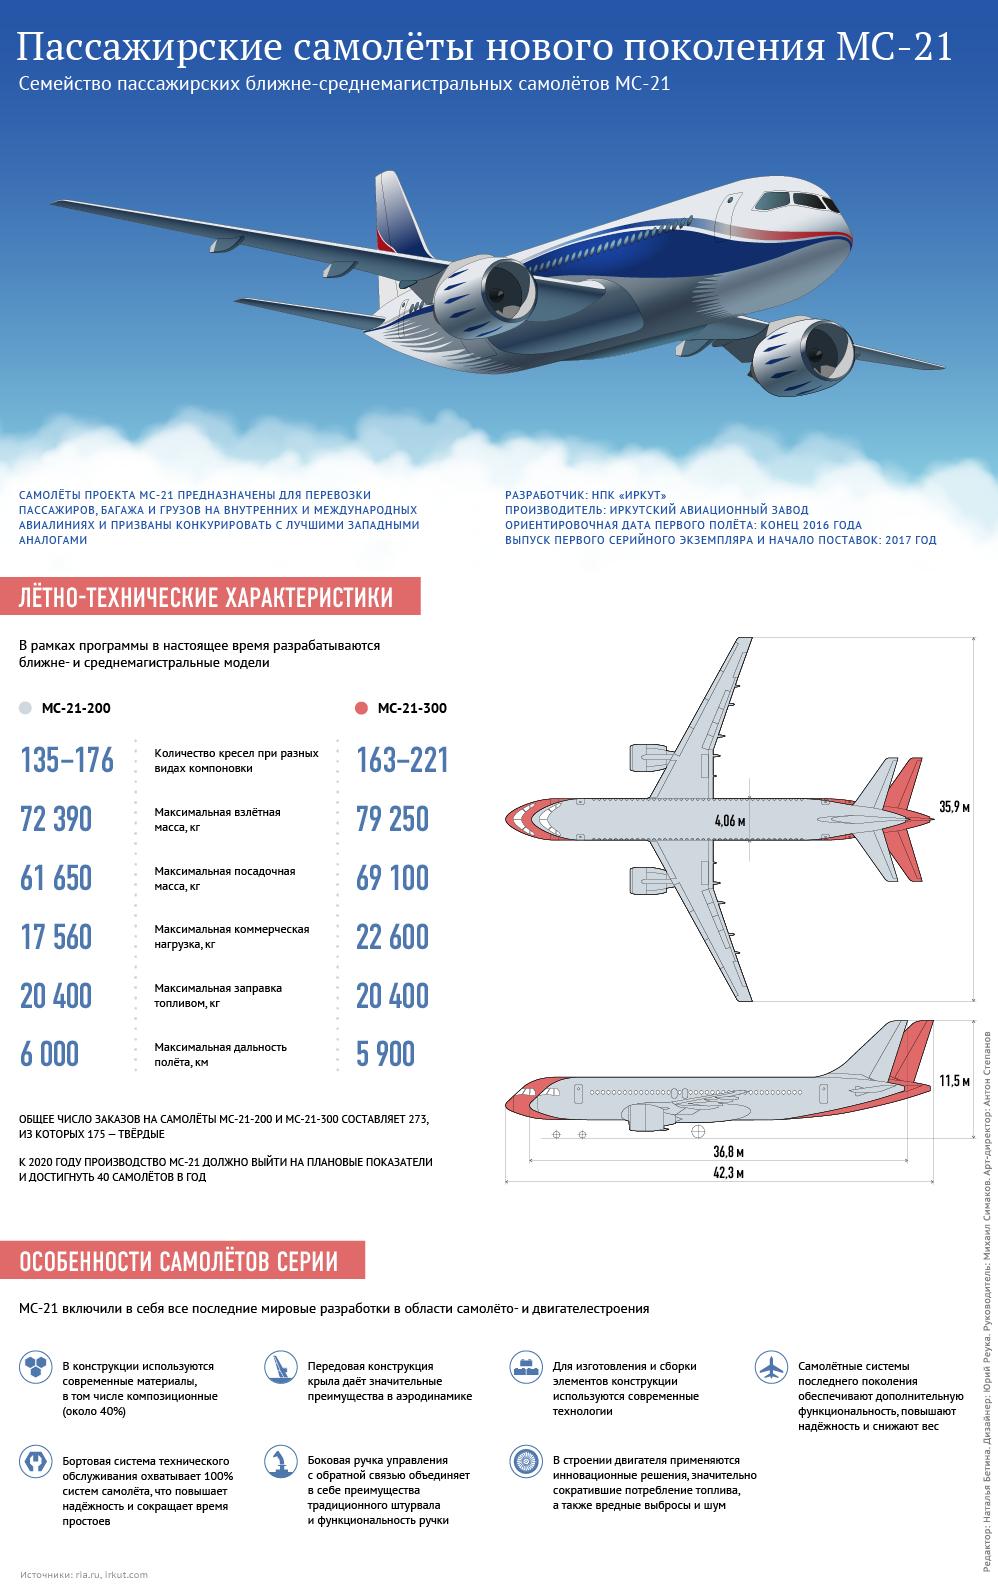 Особенности пассажирского самолета нового поколения МС-21